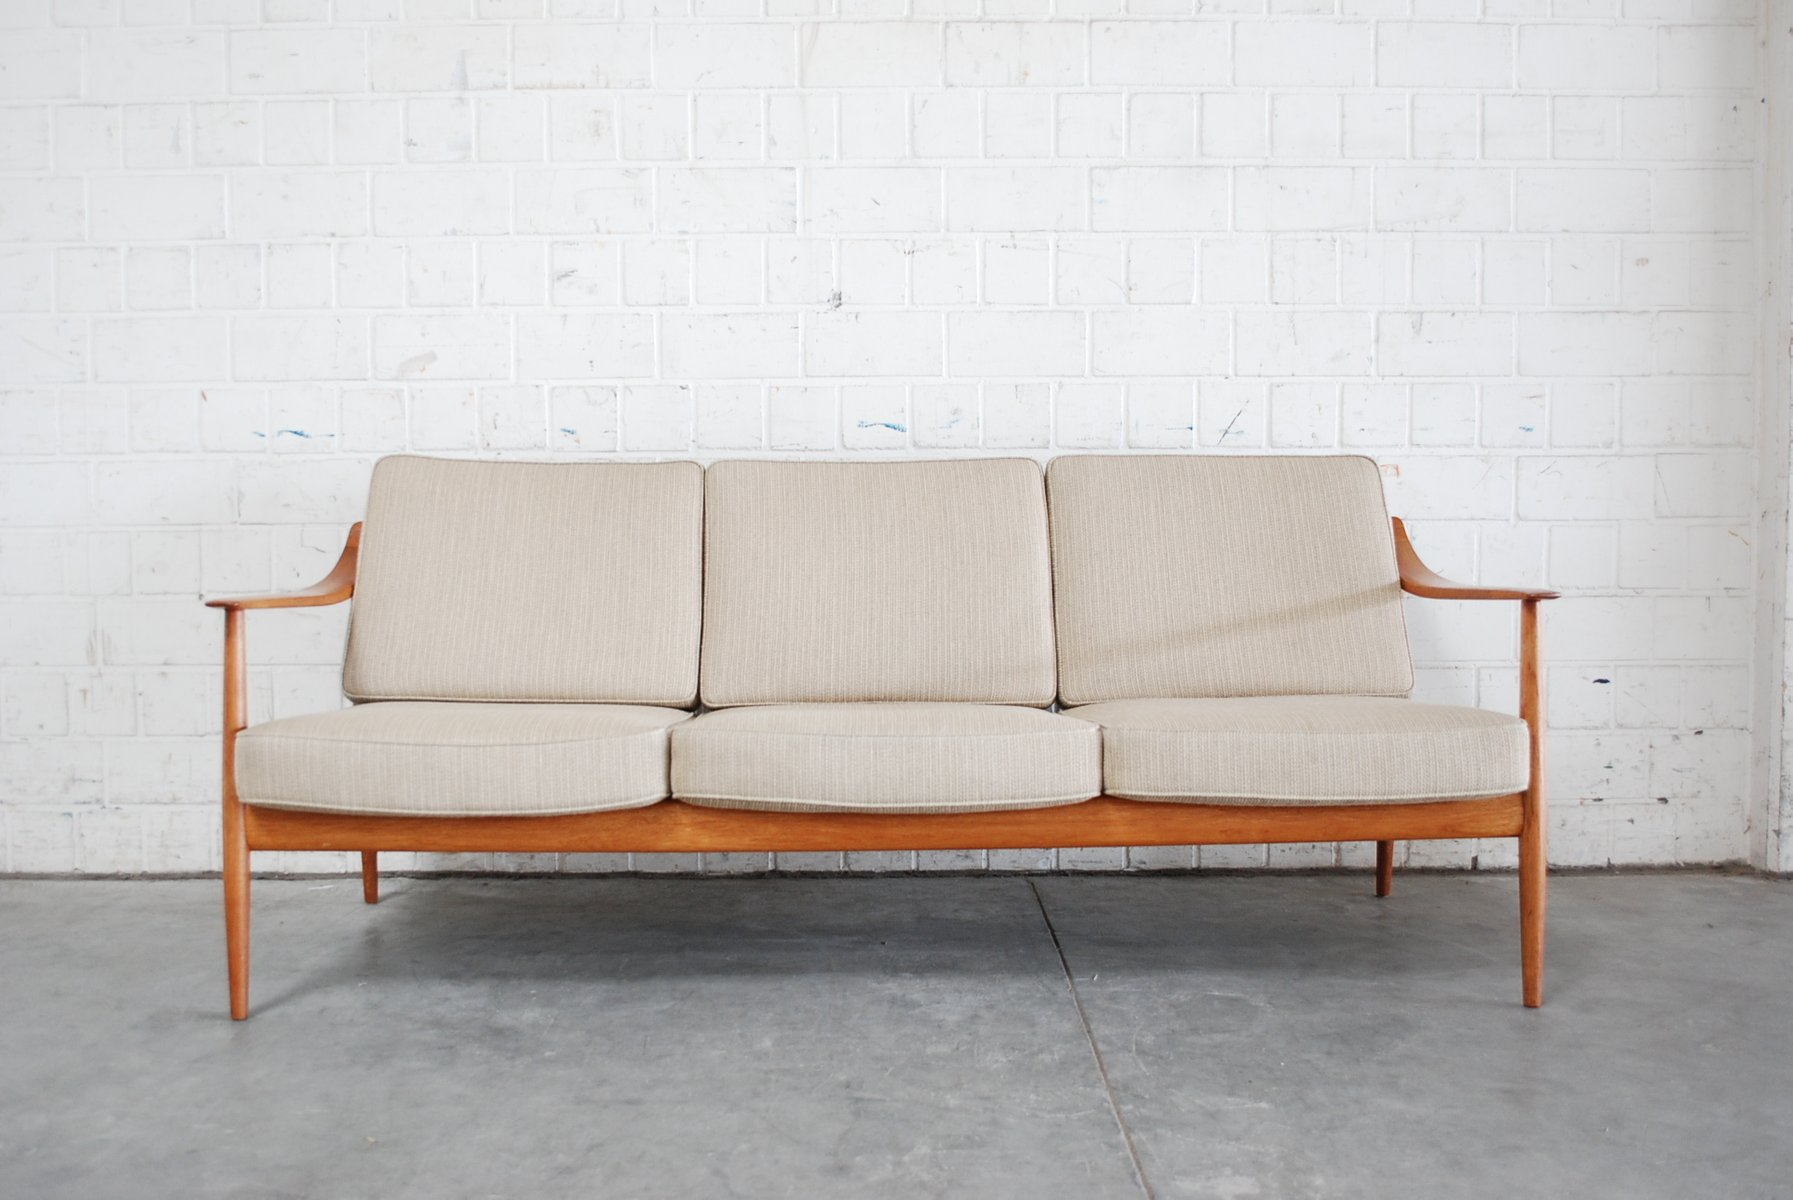 d nisches teak sofa von knoll antimott bei pamono kaufen. Black Bedroom Furniture Sets. Home Design Ideas